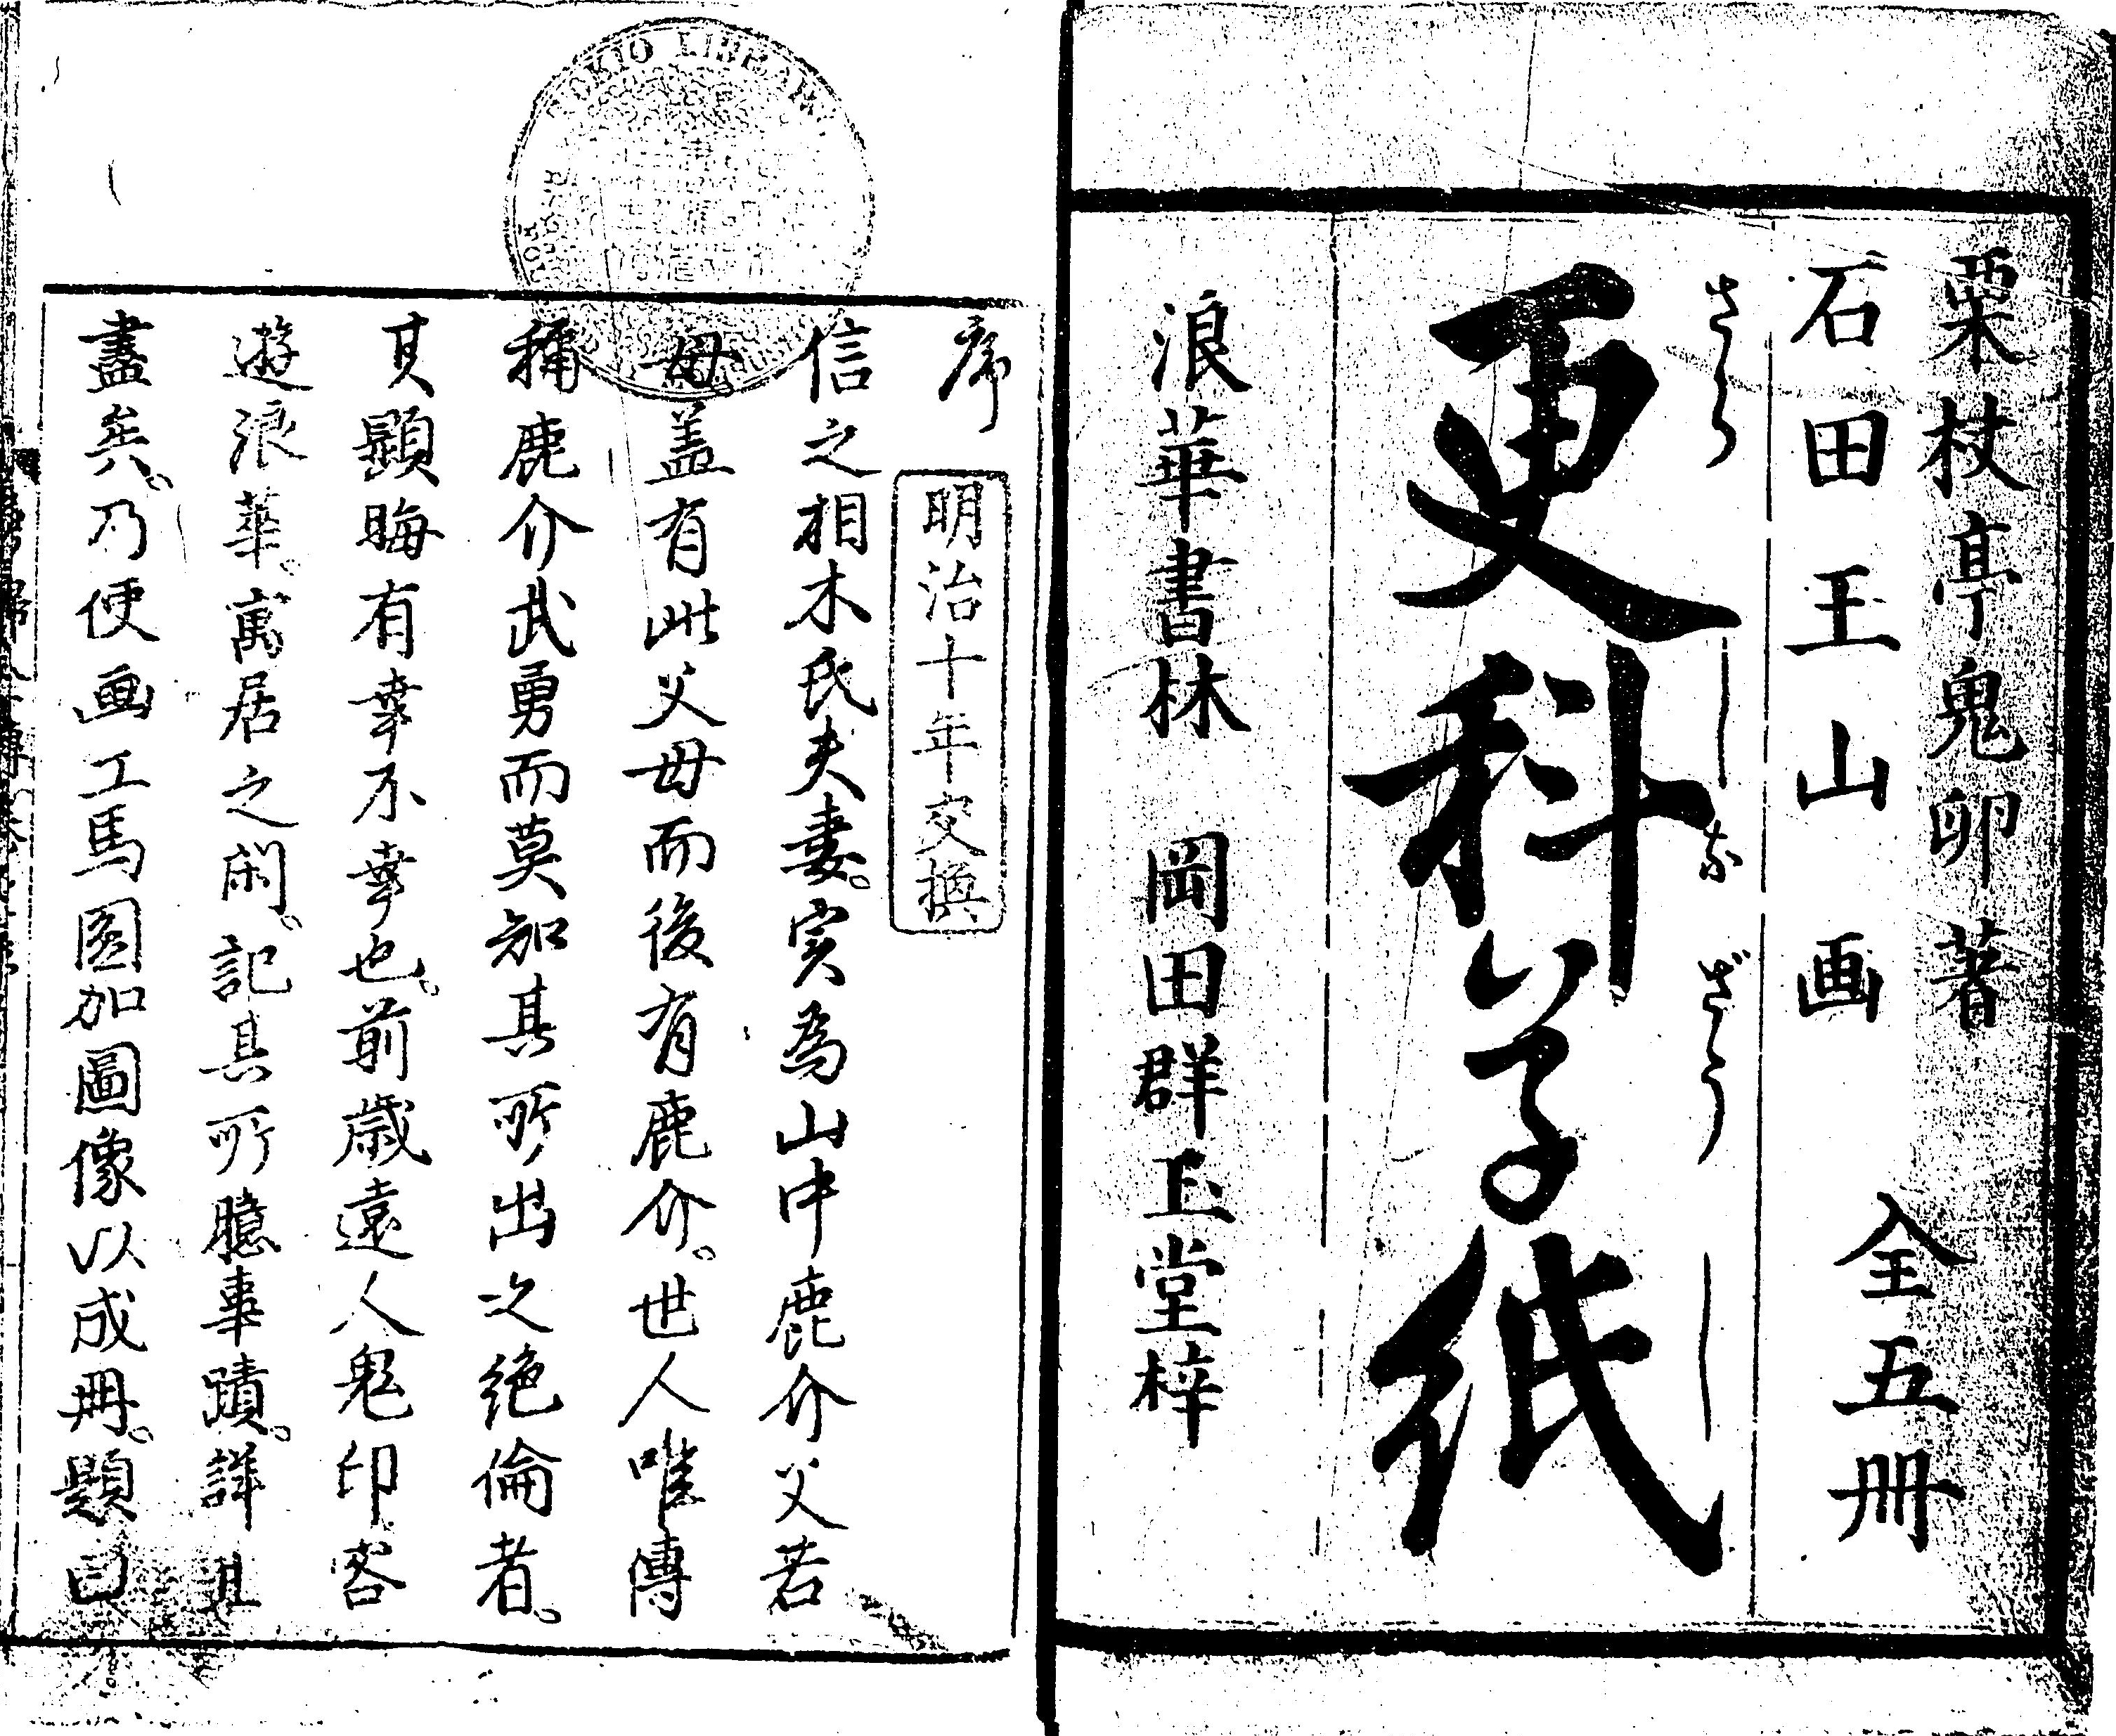 ファイル yufu zenden ehon sarashina soshi volume 1 cropped yufu